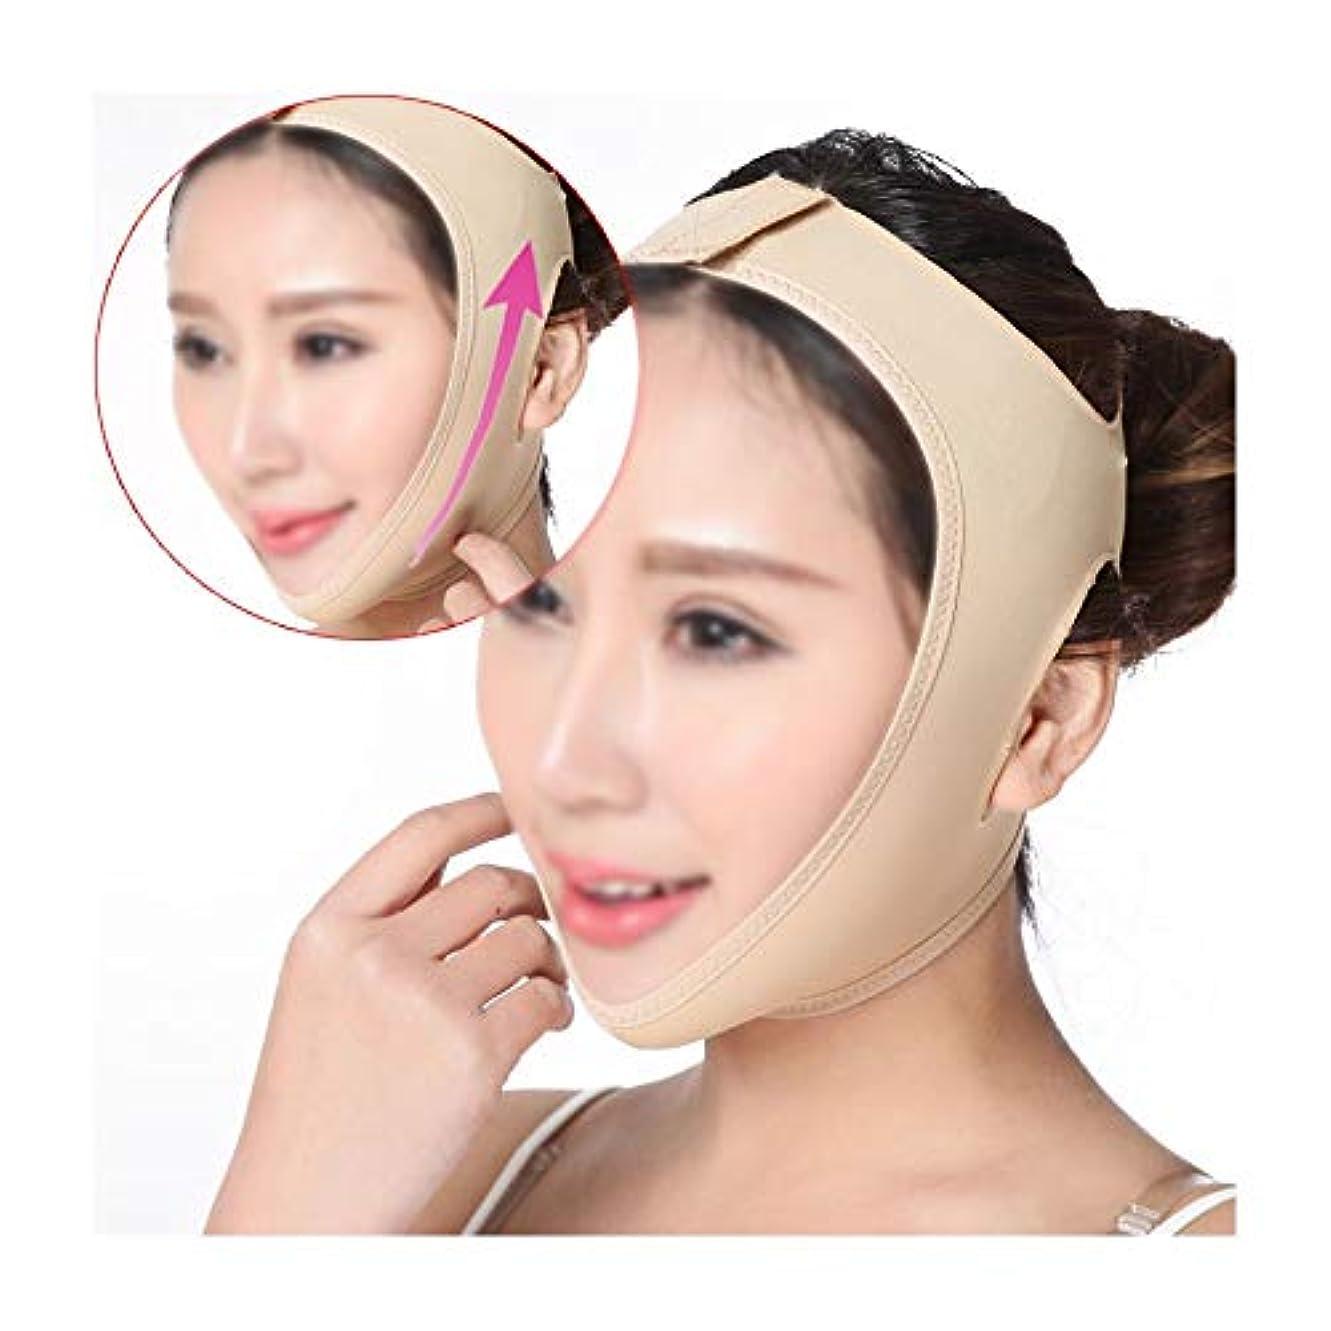 支配するストレスの多い陽気なTLMY 引き締めマスクマスク通気性フェイシャル包帯Vフェイスデバイス睡眠薄いフェイスマスクフェイシャルマッサージフェイスリフティングツール 顔用整形マスク (Size : XL)